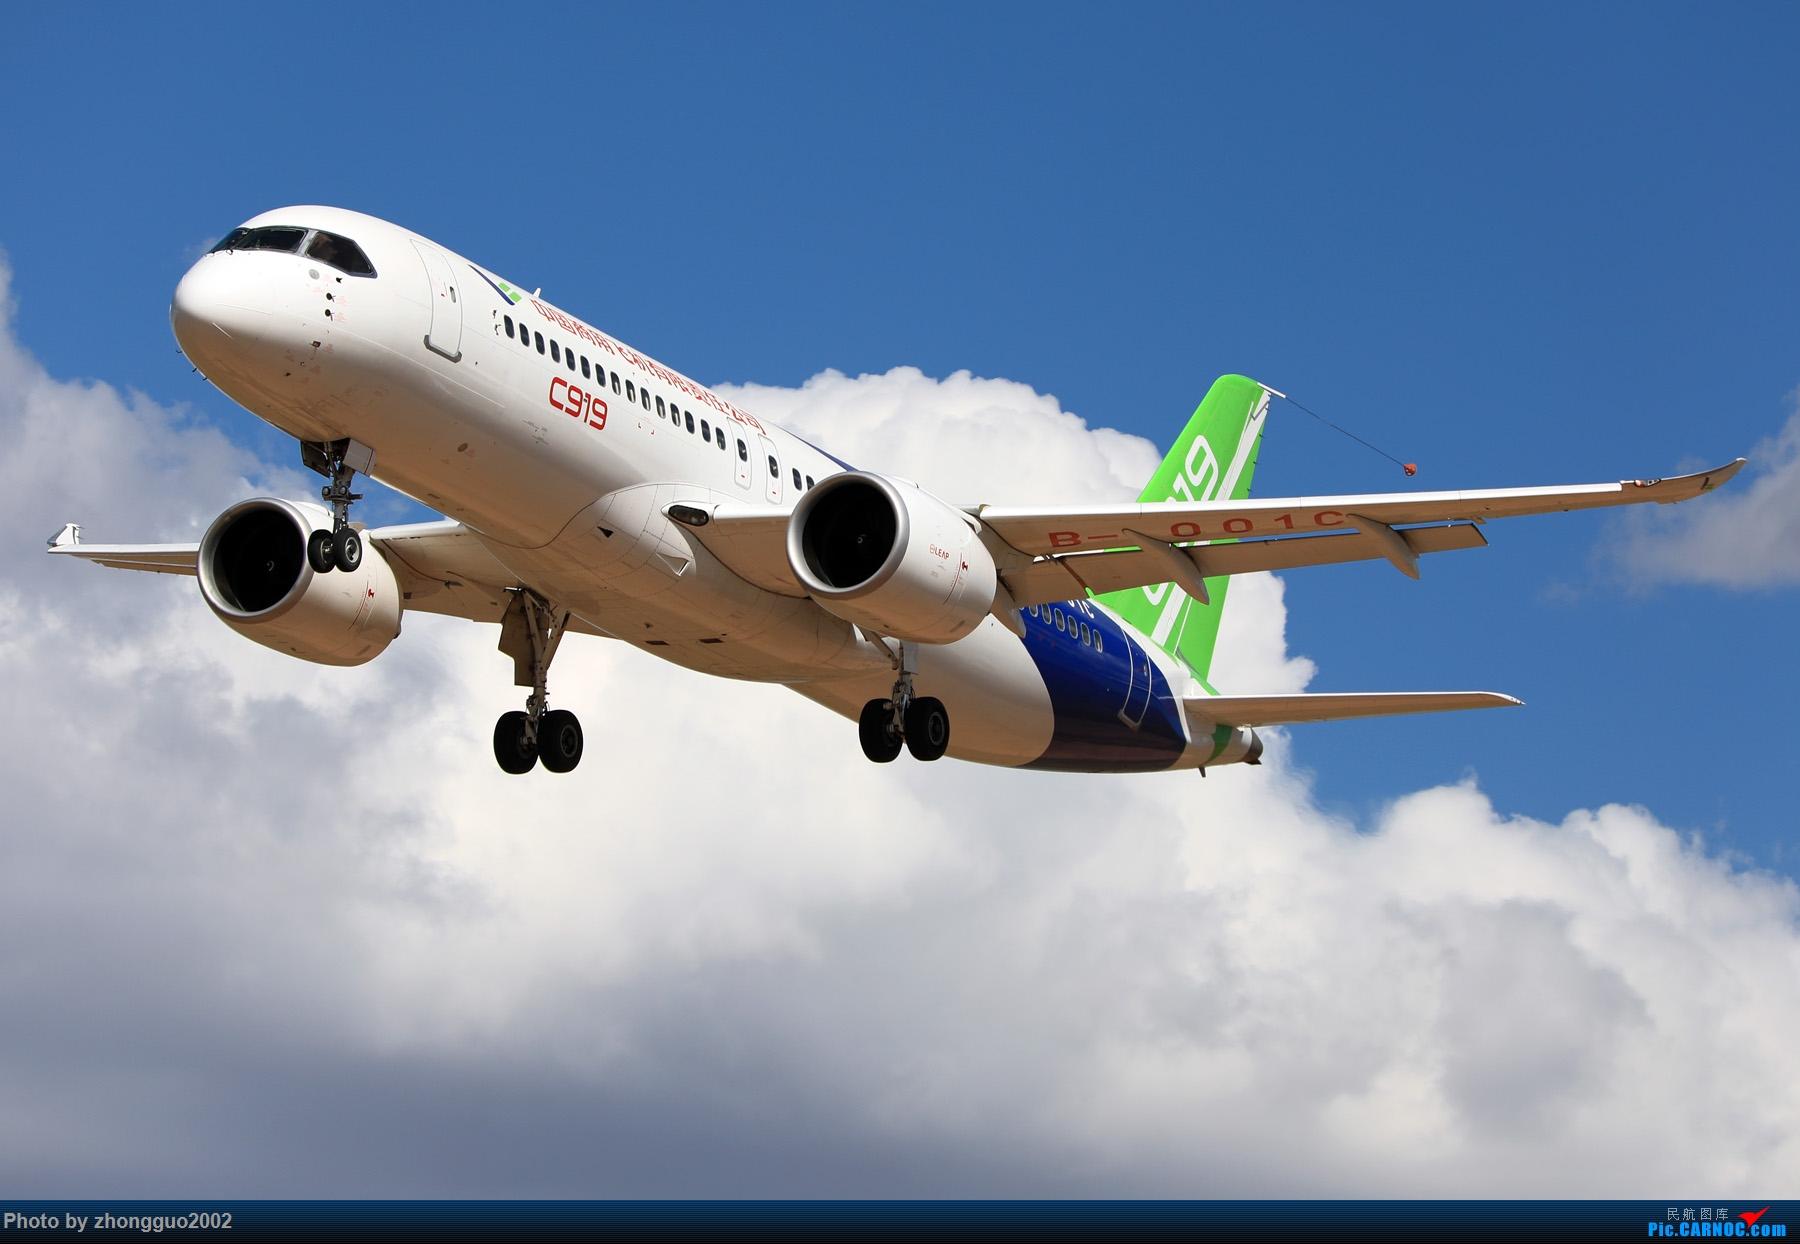 [原创]C919----鄂尔多斯飞训 C919 B-001C 中国鄂尔多斯伊金霍洛机场